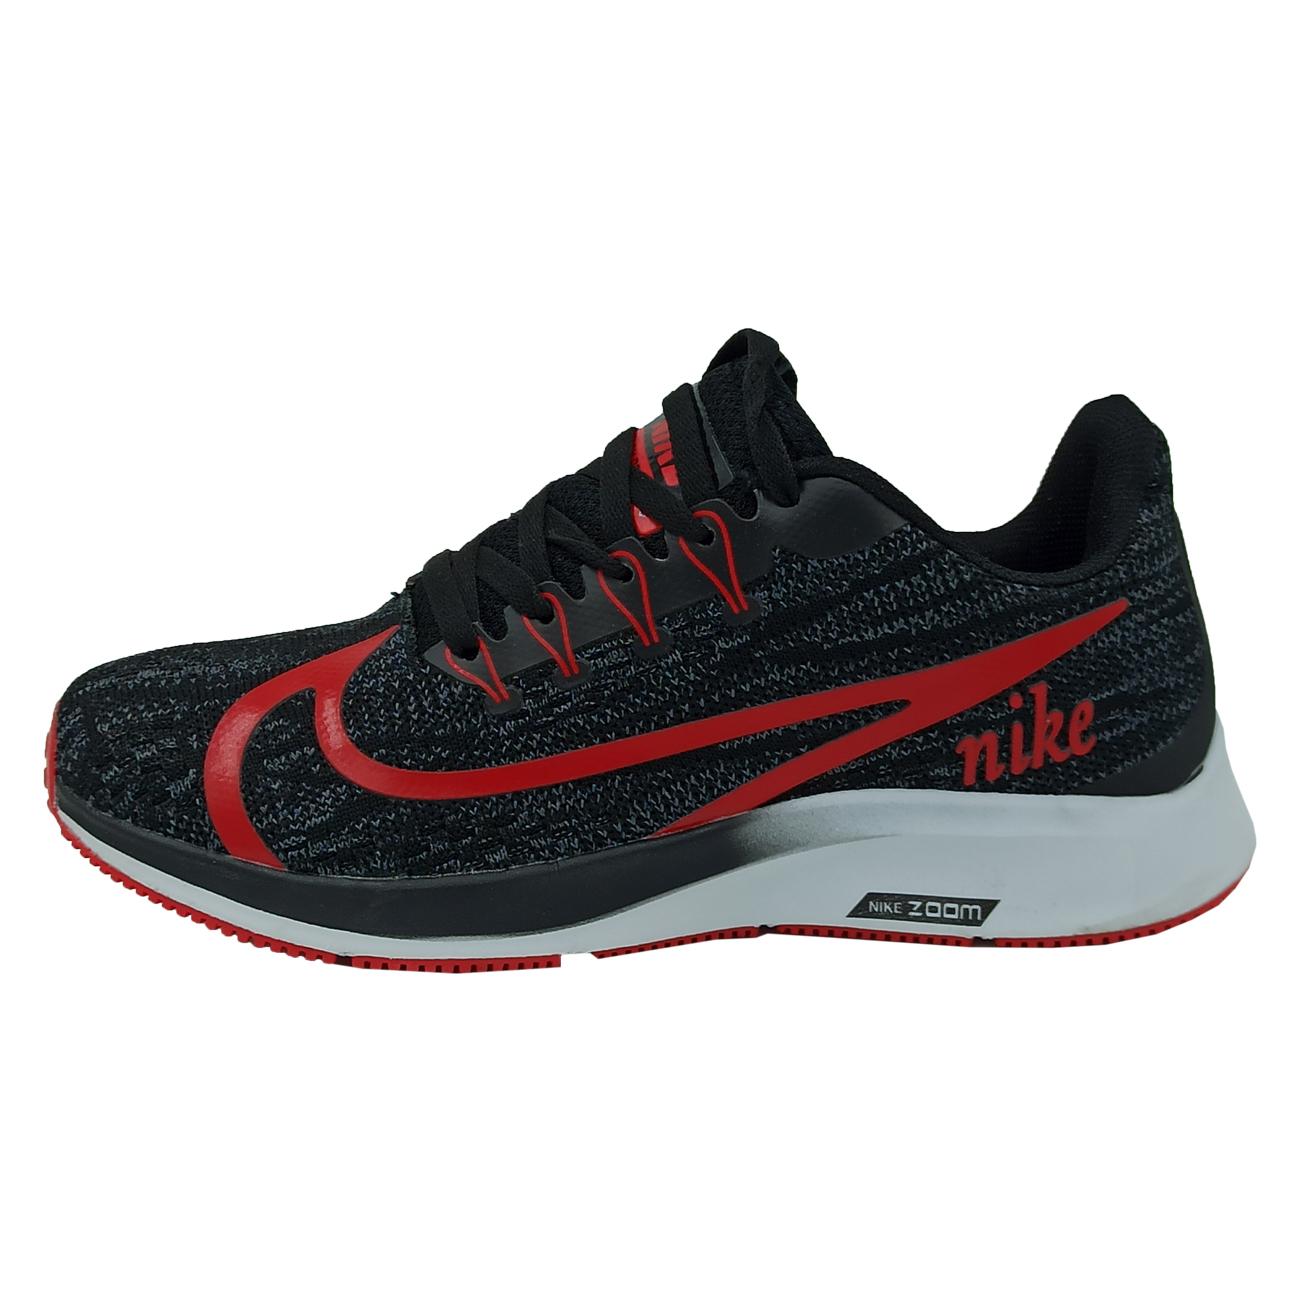 کفش پیاده روی مردانه نایکی مدل ZOOM  کد 4058